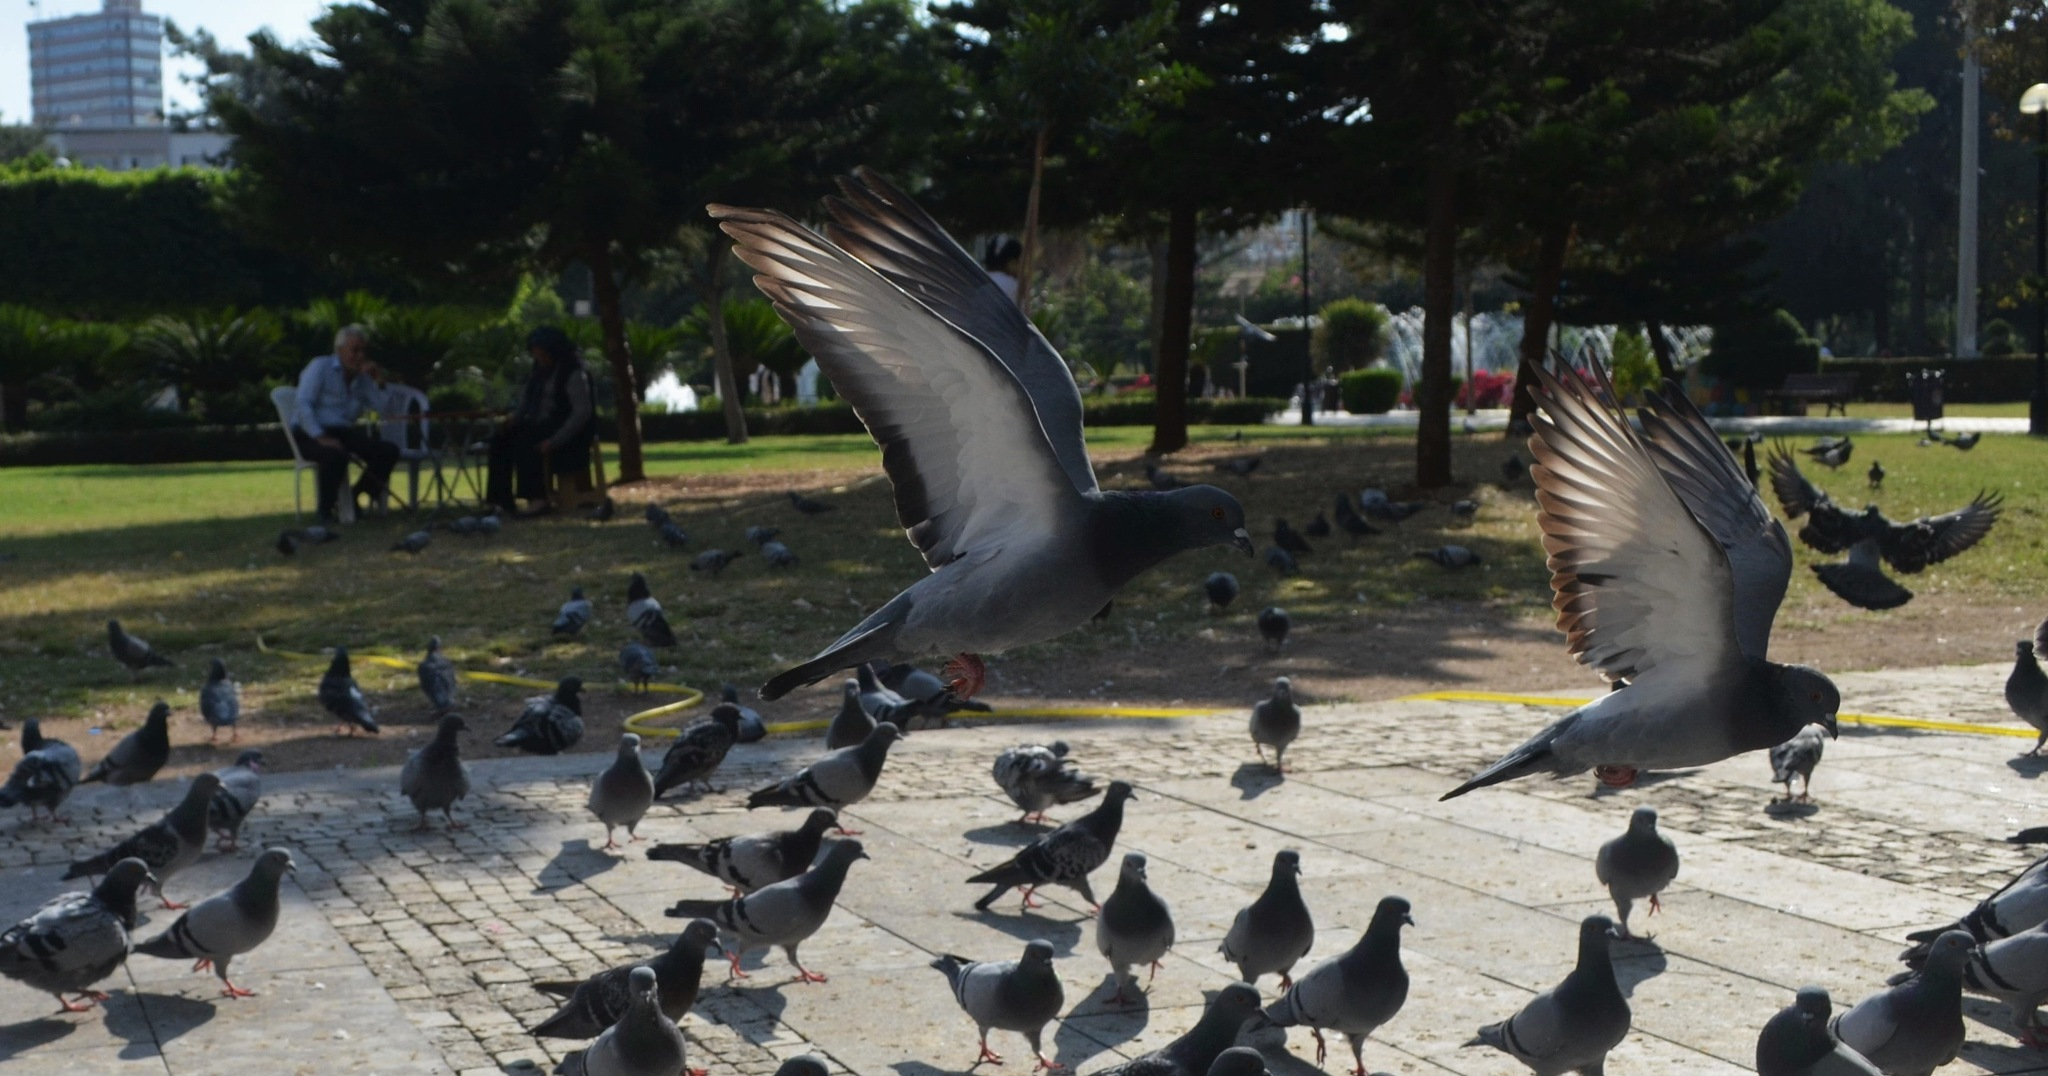 Atatürk parkında kuşlar-2 by Zeki Durak